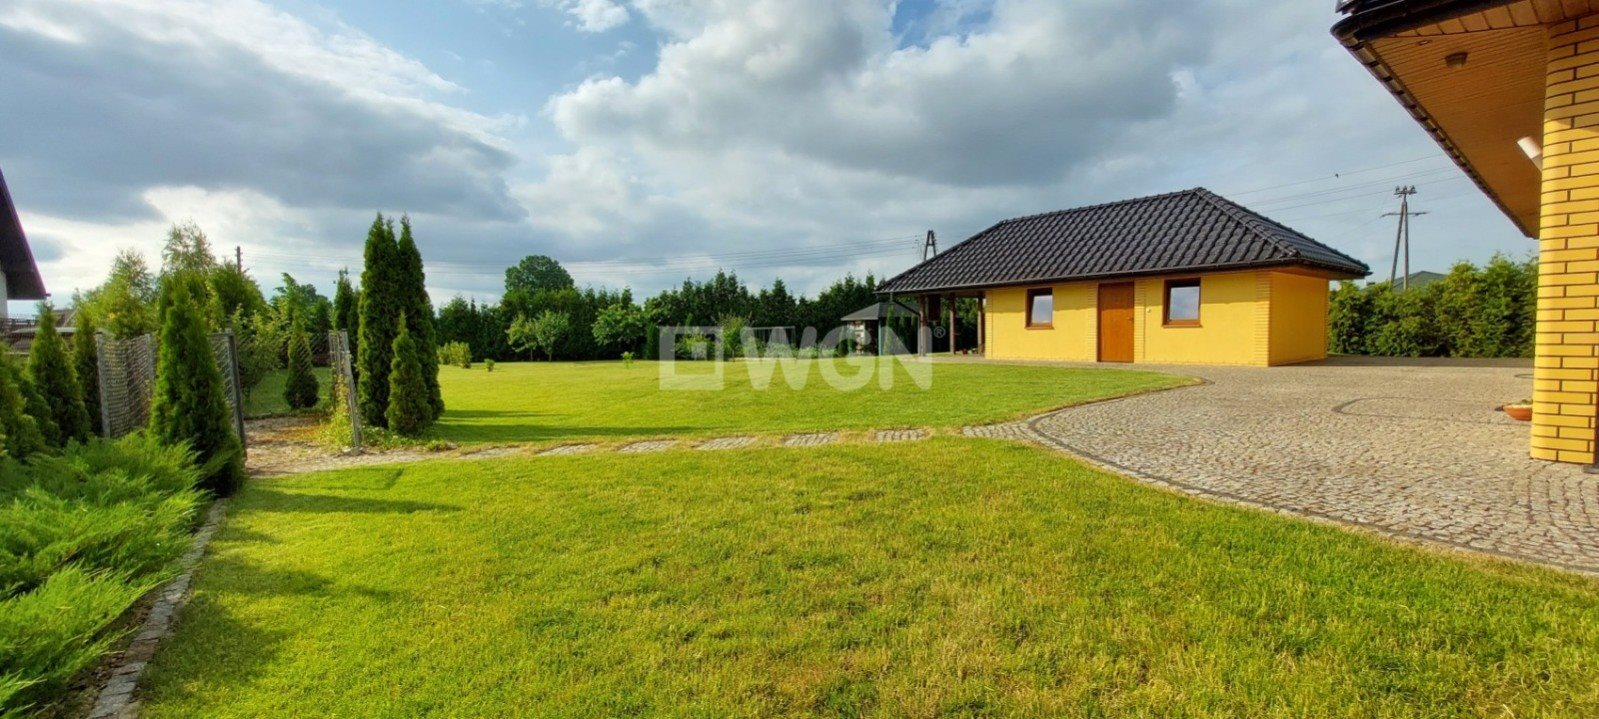 Dom na sprzedaż Piotrków Trybunalski, Piotrków Trybunalski  250m2 Foto 5